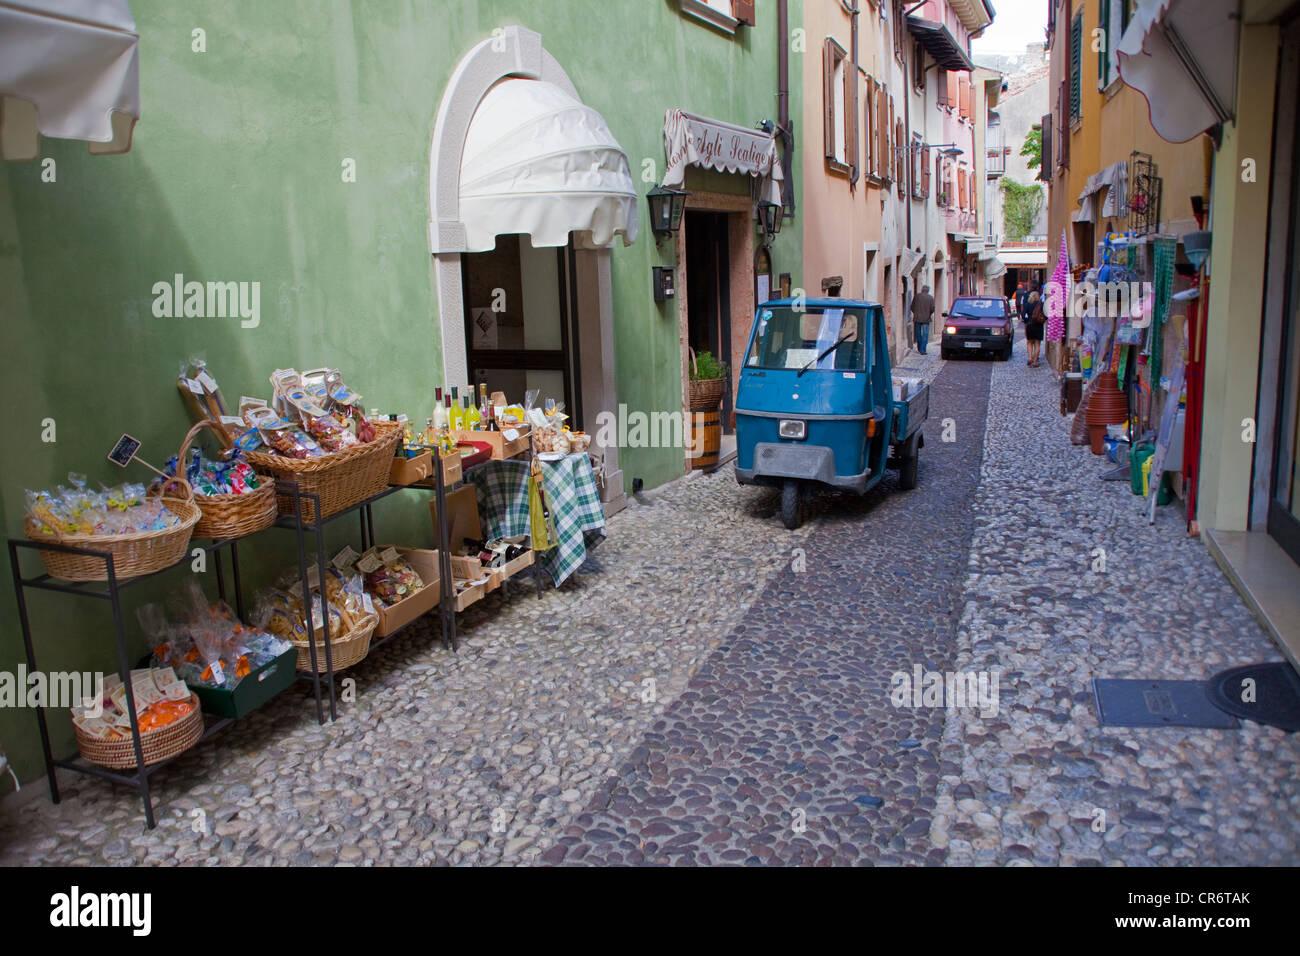 Ruelle de la vieille ville, avec Ape tricycle, mini car, Malcesine, sur le lac de Garde, Vérone, Vénétie, Photo Stock